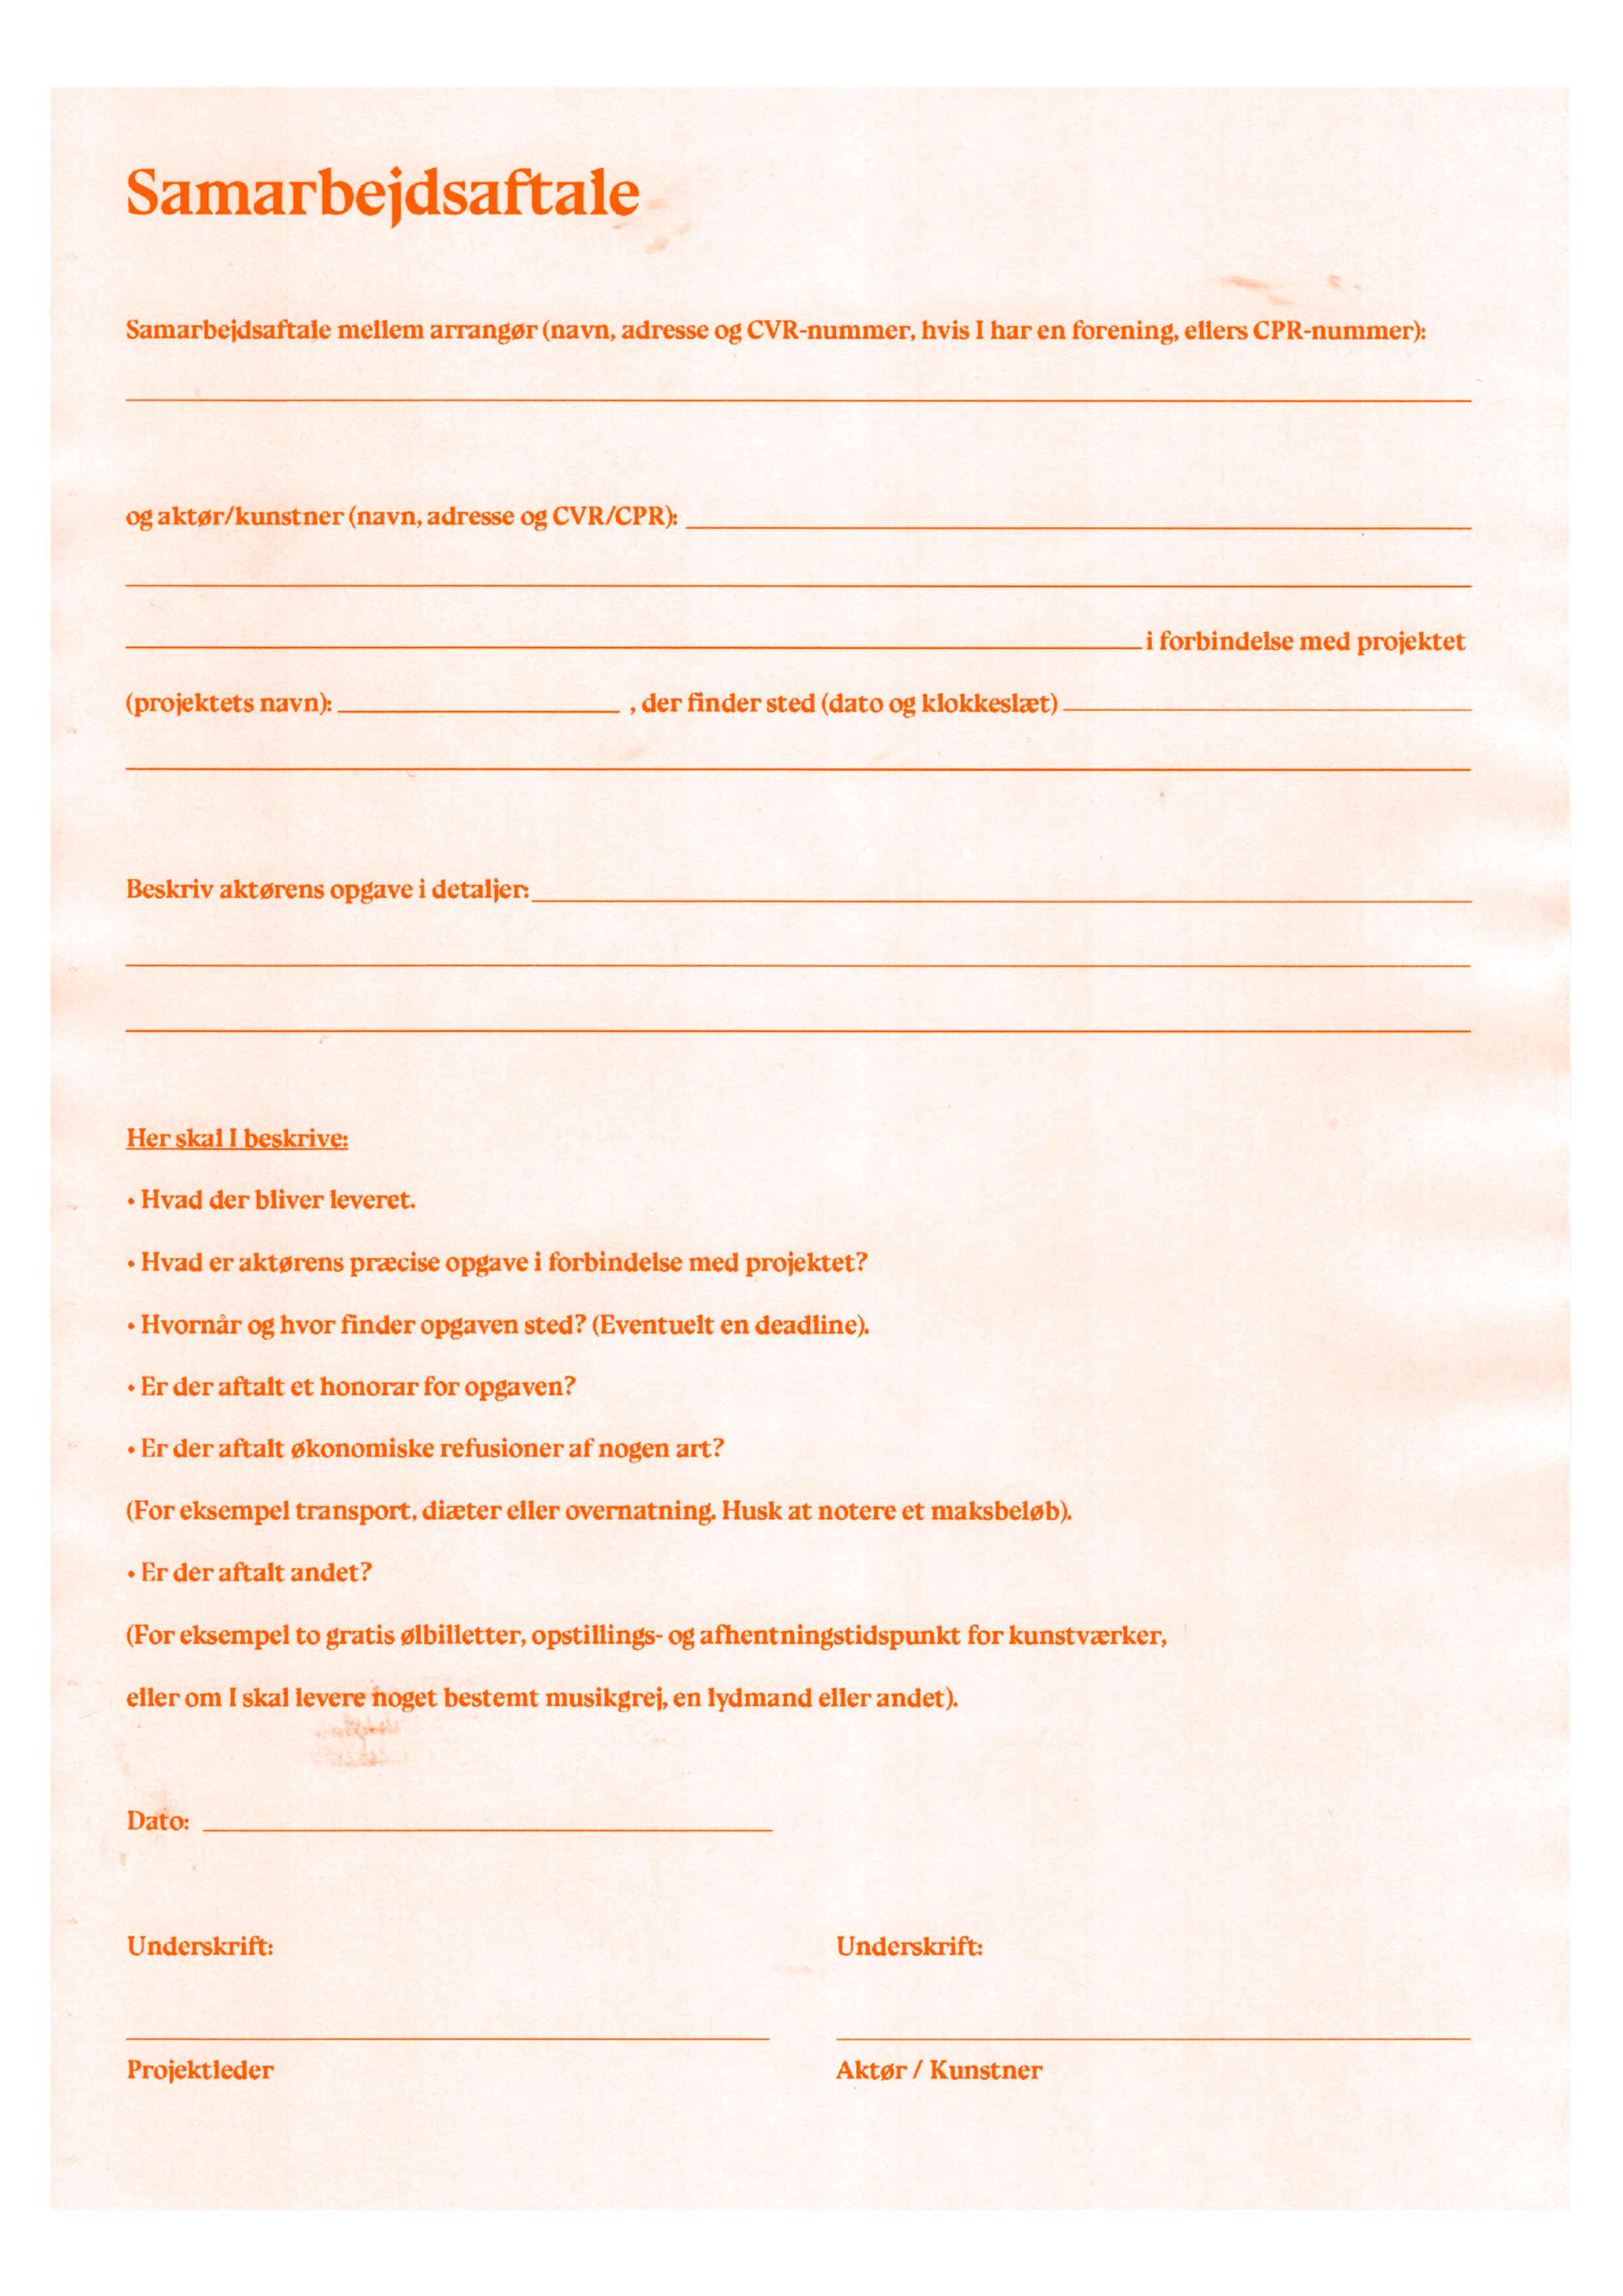 samarbejdsaftale layoutet.png